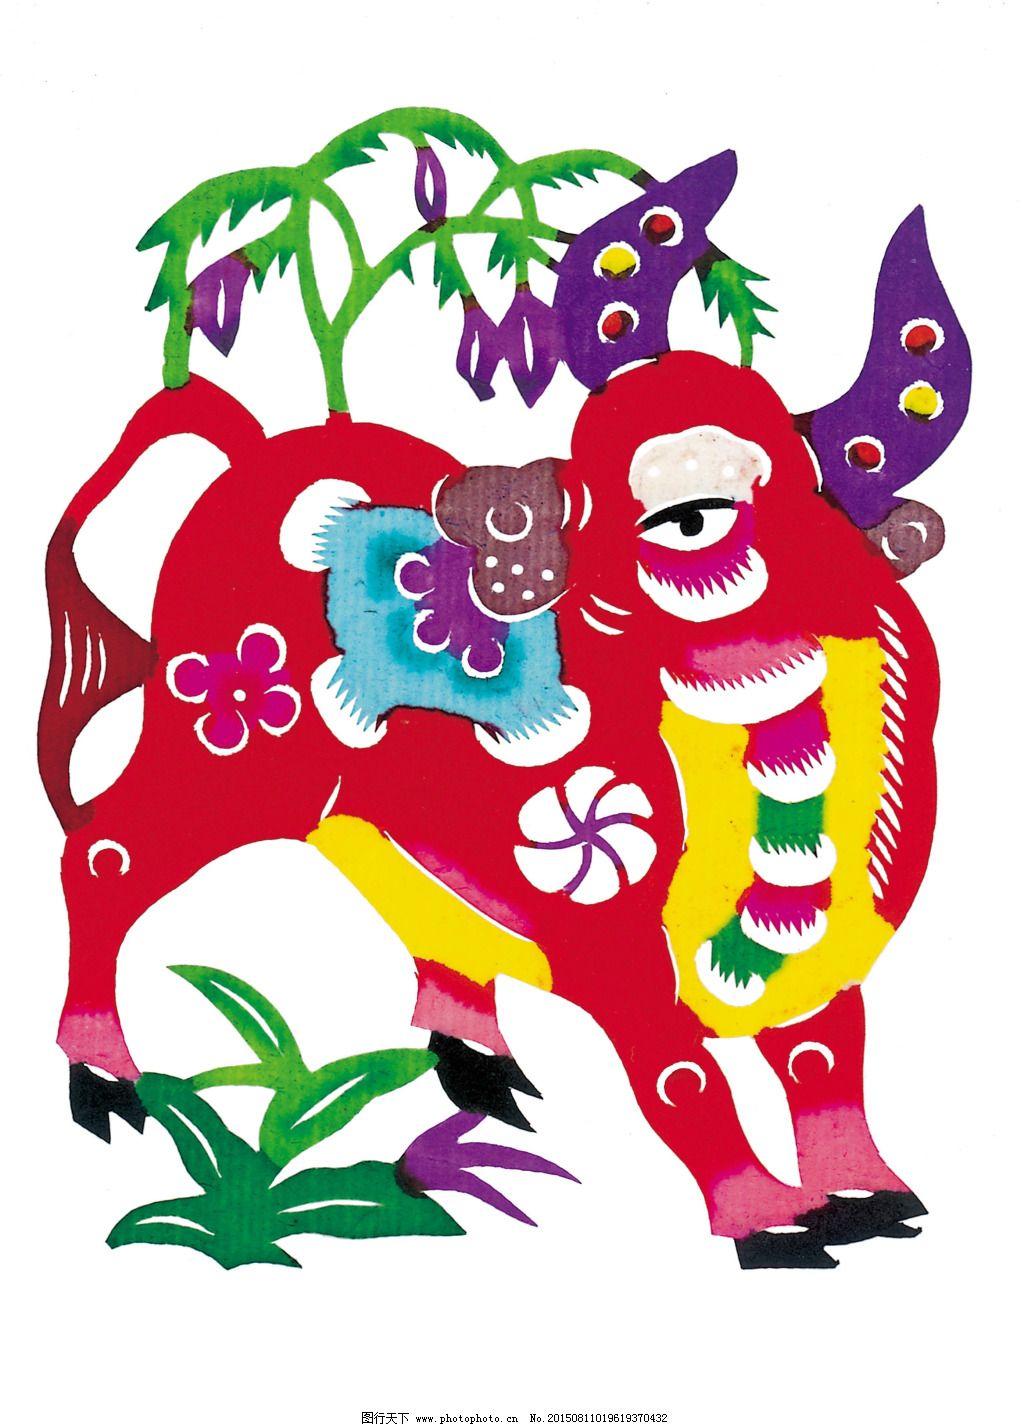 彩色 剪纸 剪纸图案 牛 十二生肖 剪纸图案 十二生肖 剪纸 彩色 牛